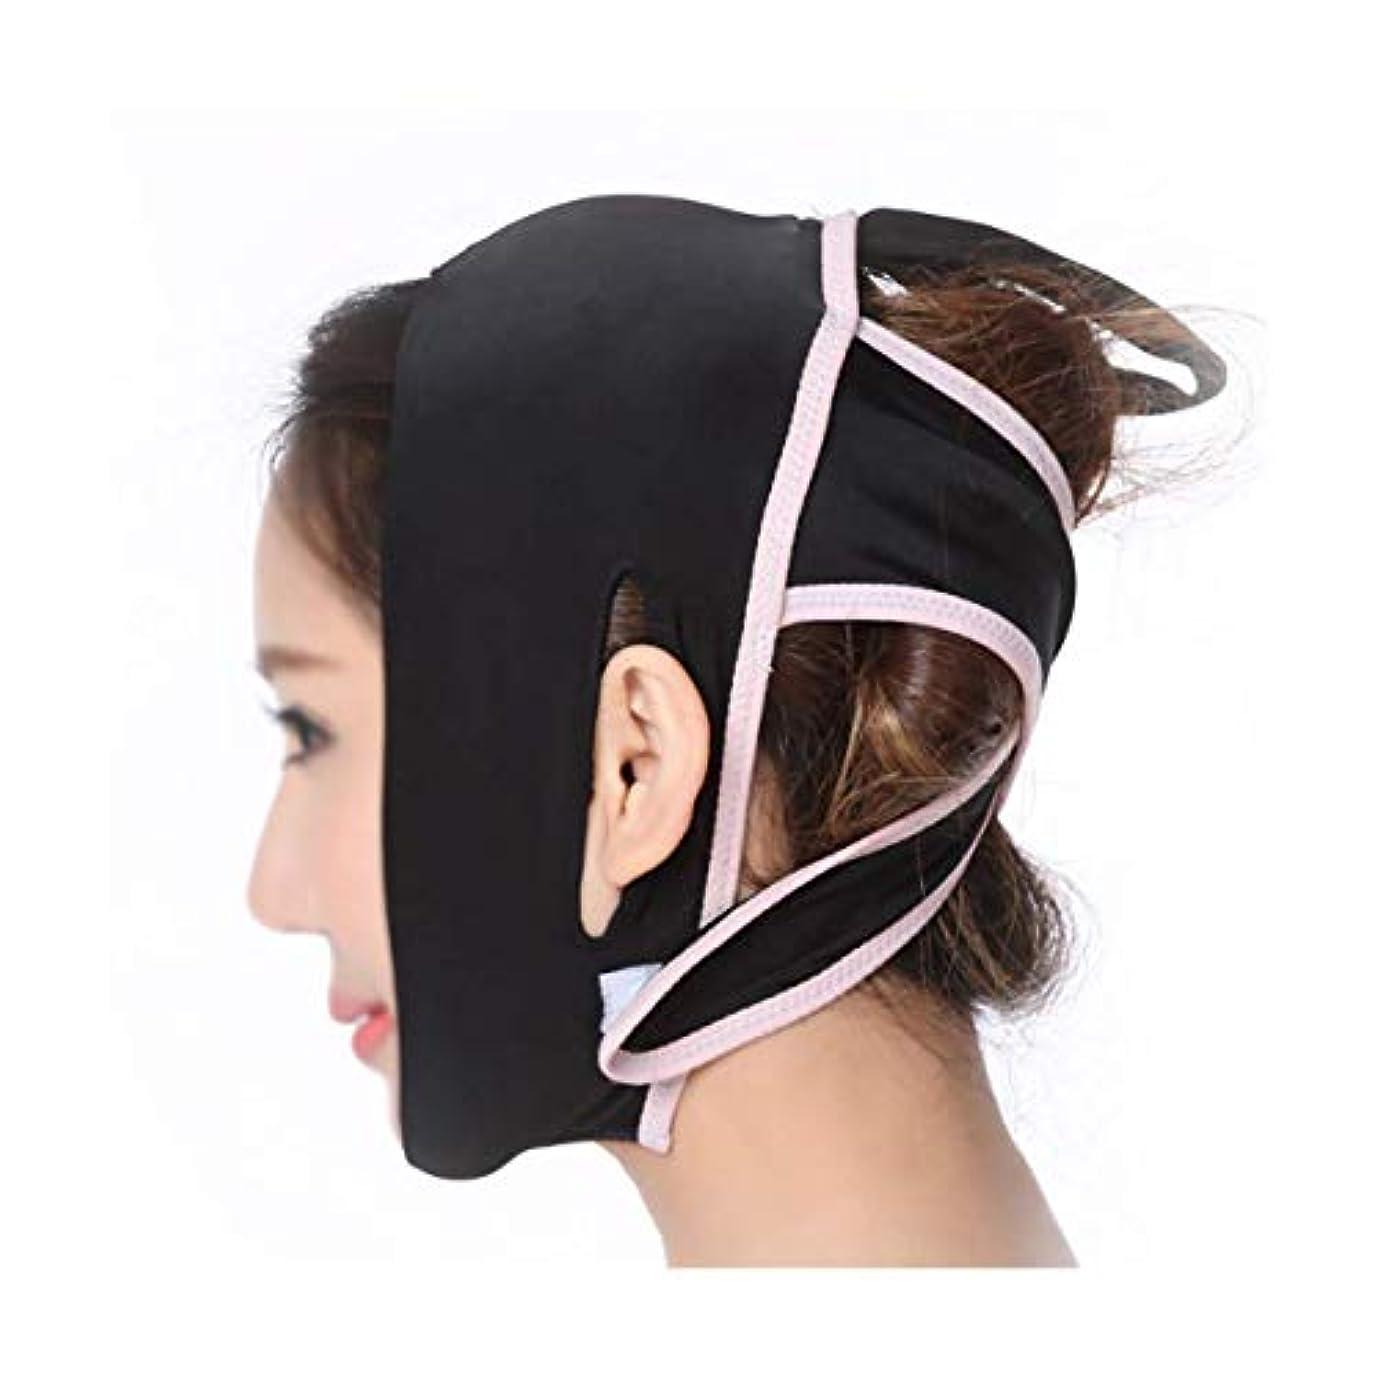 櫛一部心臓ファーミングフェイスマスク、フェイスリフトフェイシャルシンフェイスアーティファクトスリープシンフェイスシンフェイスマスクフェイスVフェイスリフティングフェイスマスクフェイス包帯シンフェイス楽器(サイズ:M),M